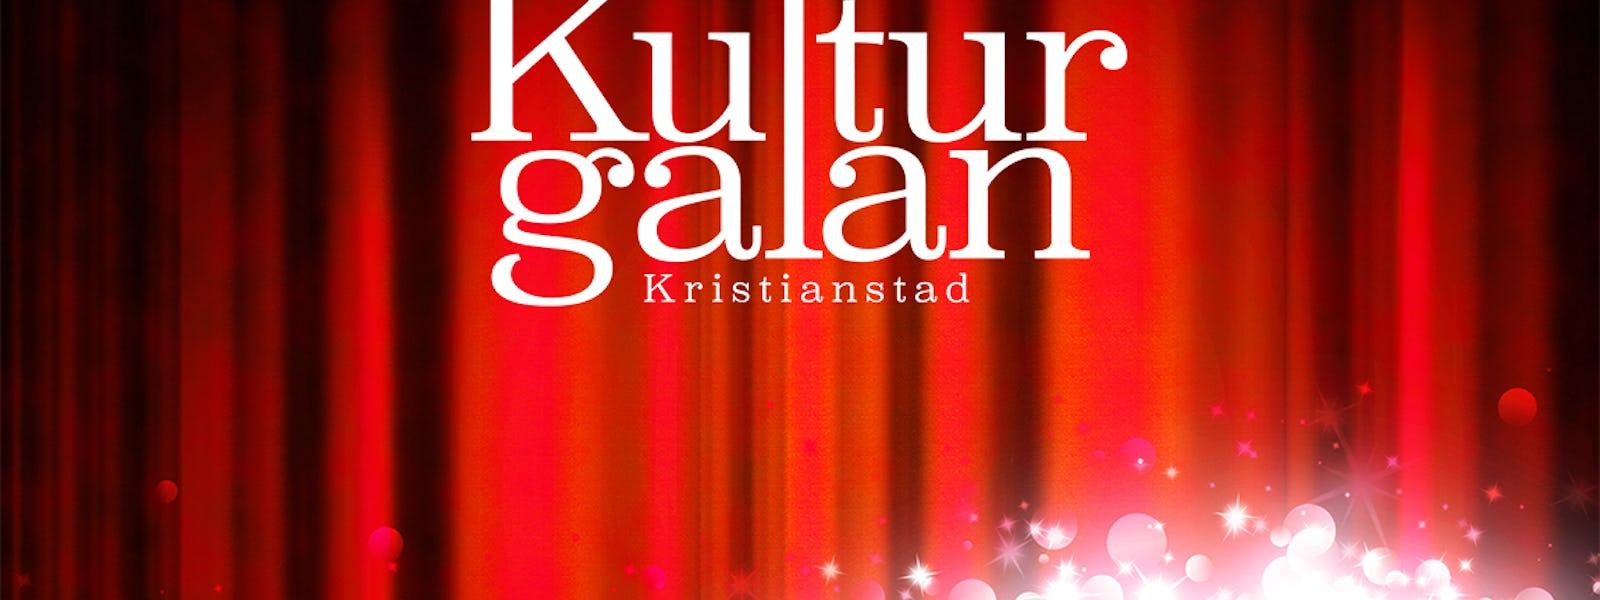 Bild - Kulturgalan Kristianstad